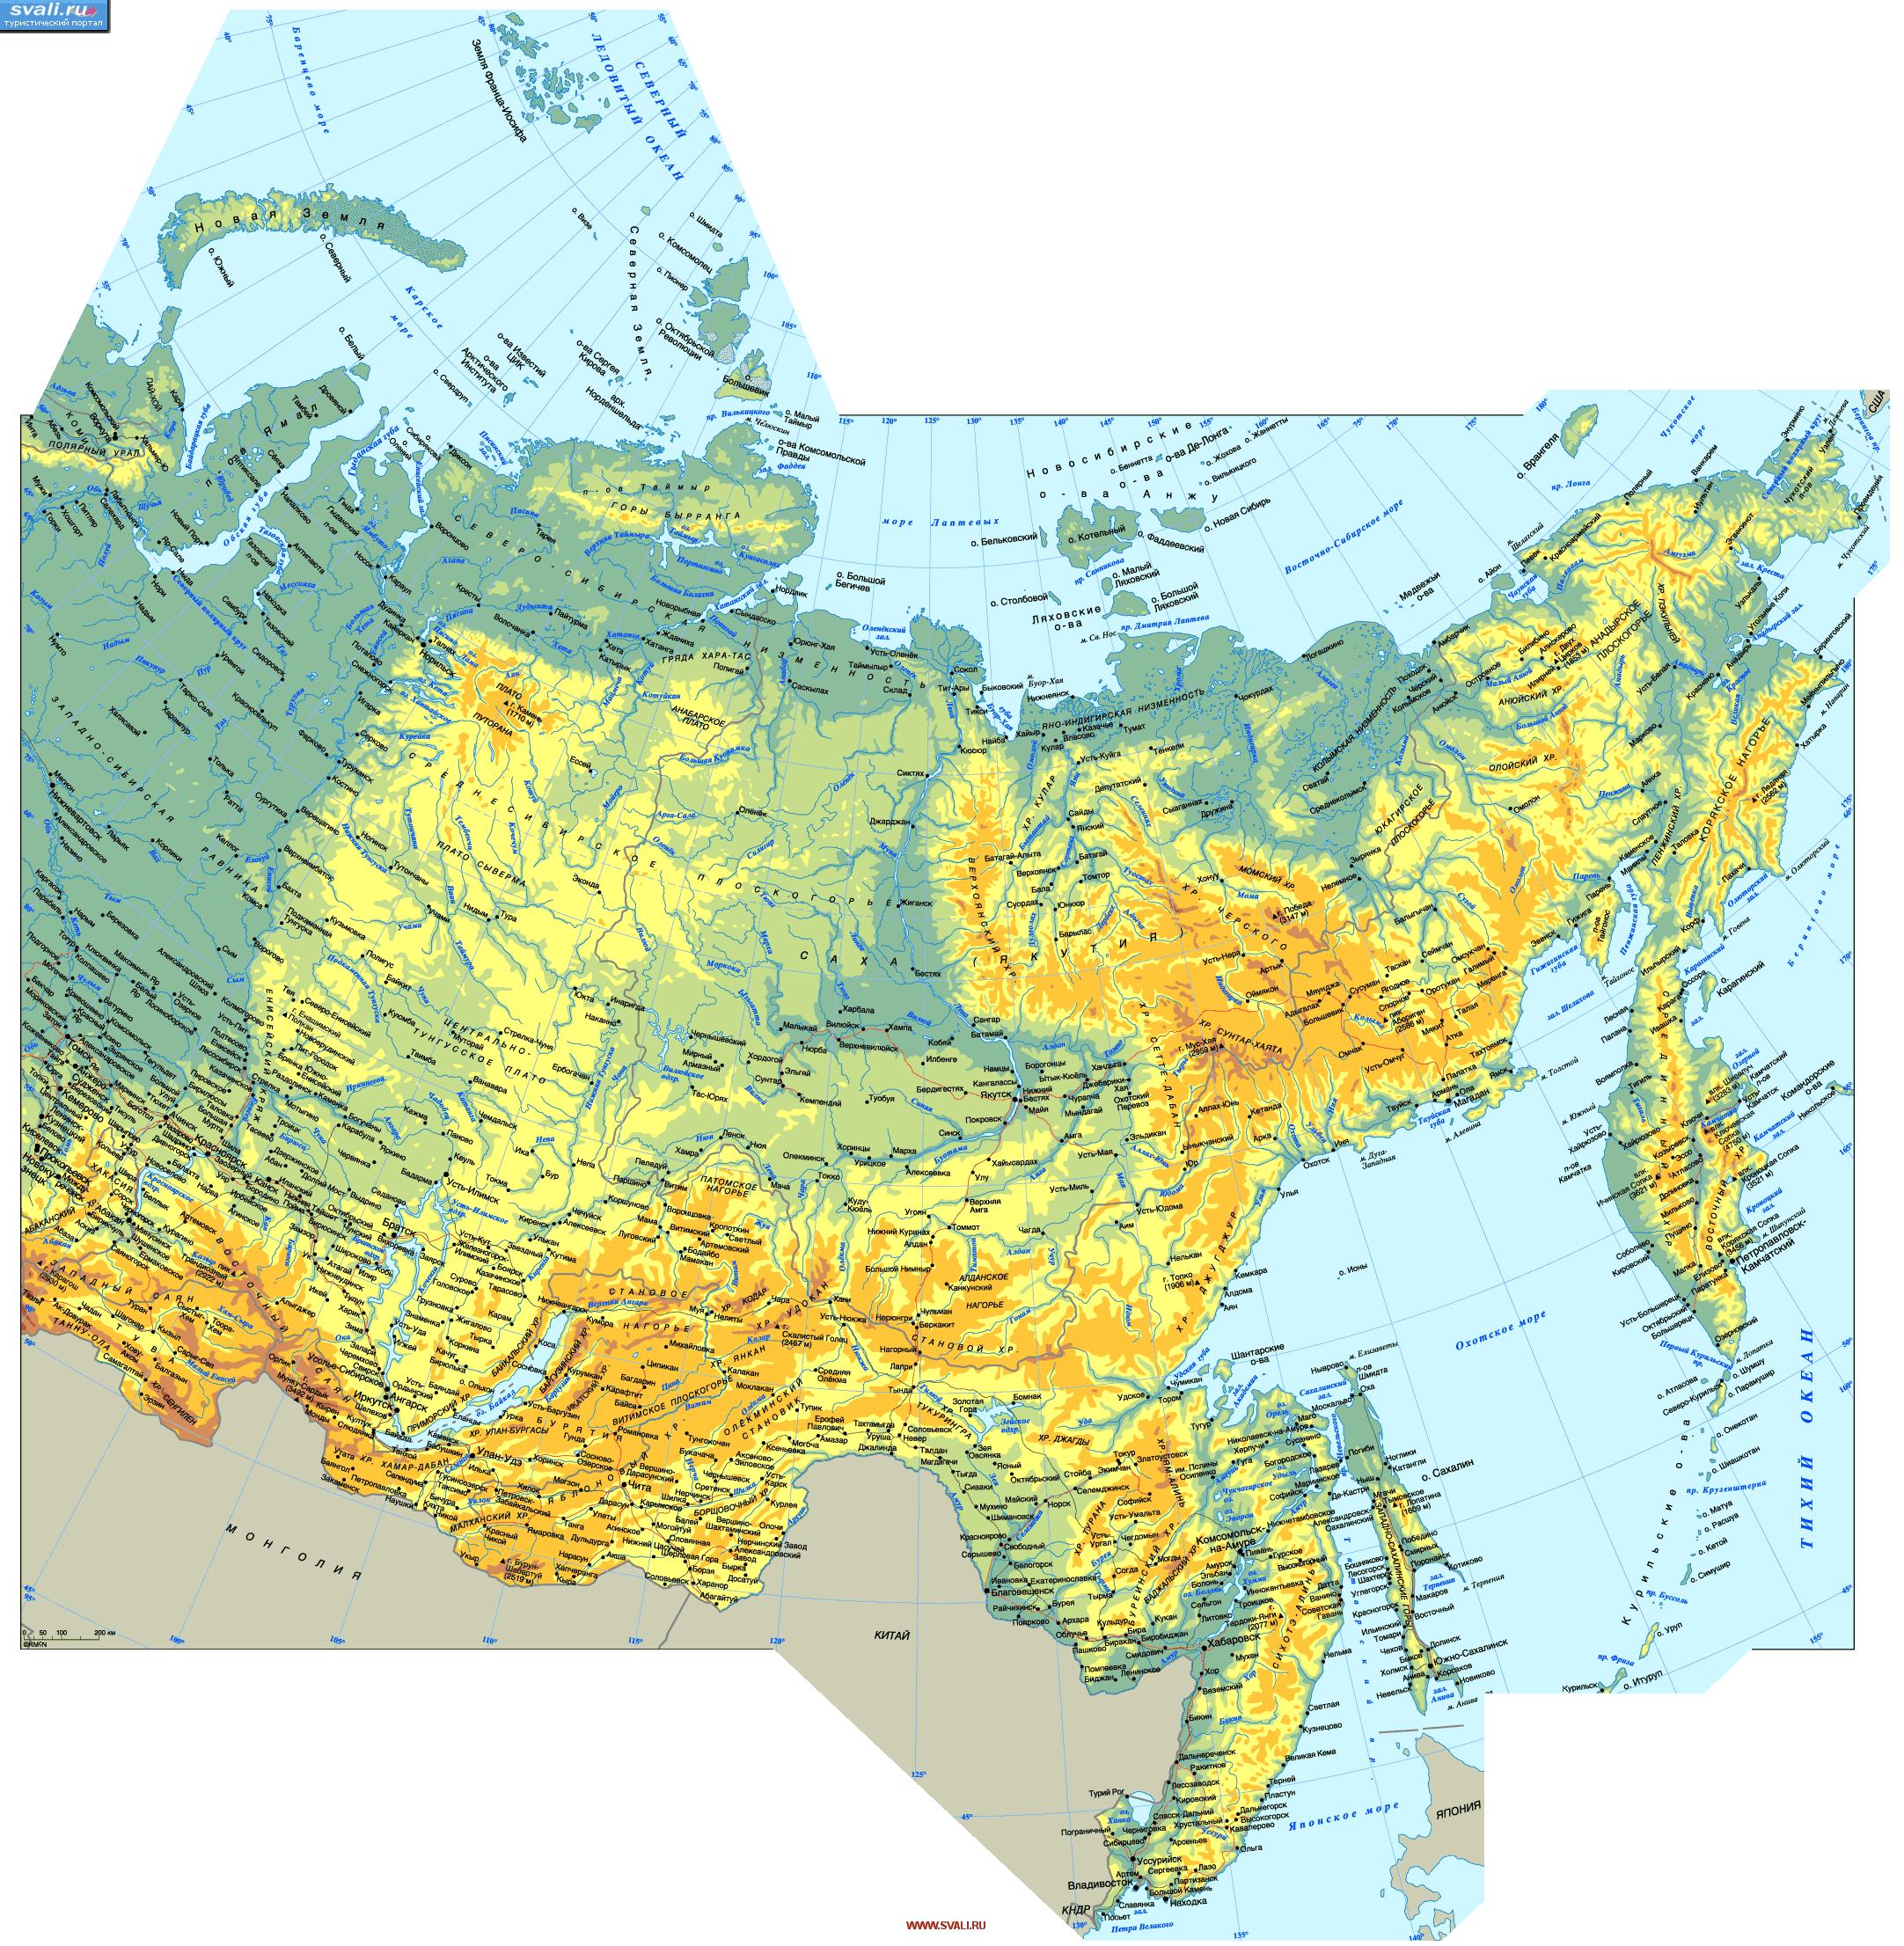 俄罗斯地图英文版